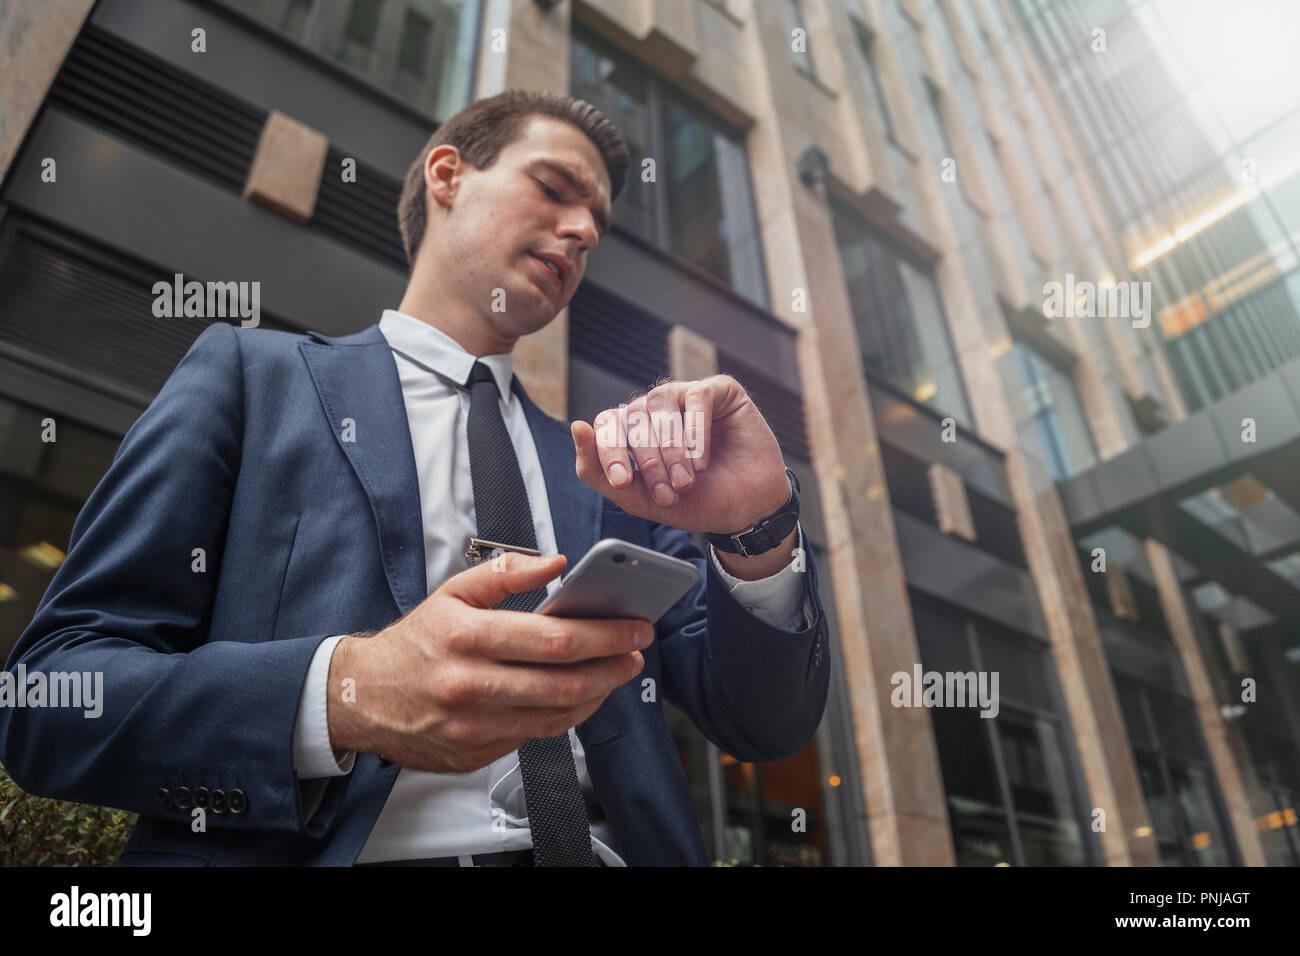 Cerca del empresario sosteniendo un teléfono móvil en la mano y mirando los relojes. Imagen De Stock